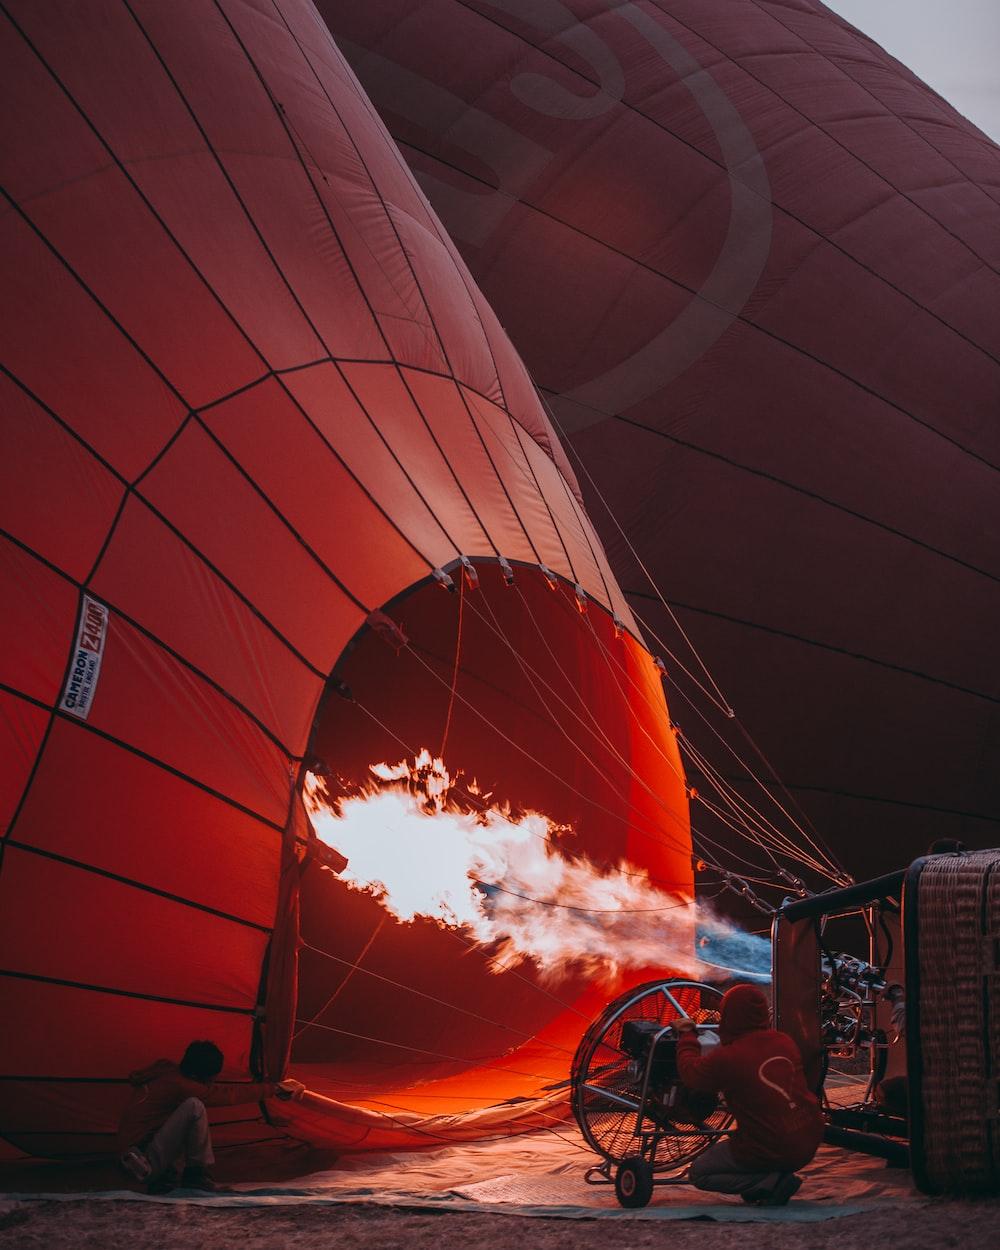 orange hot air balloon